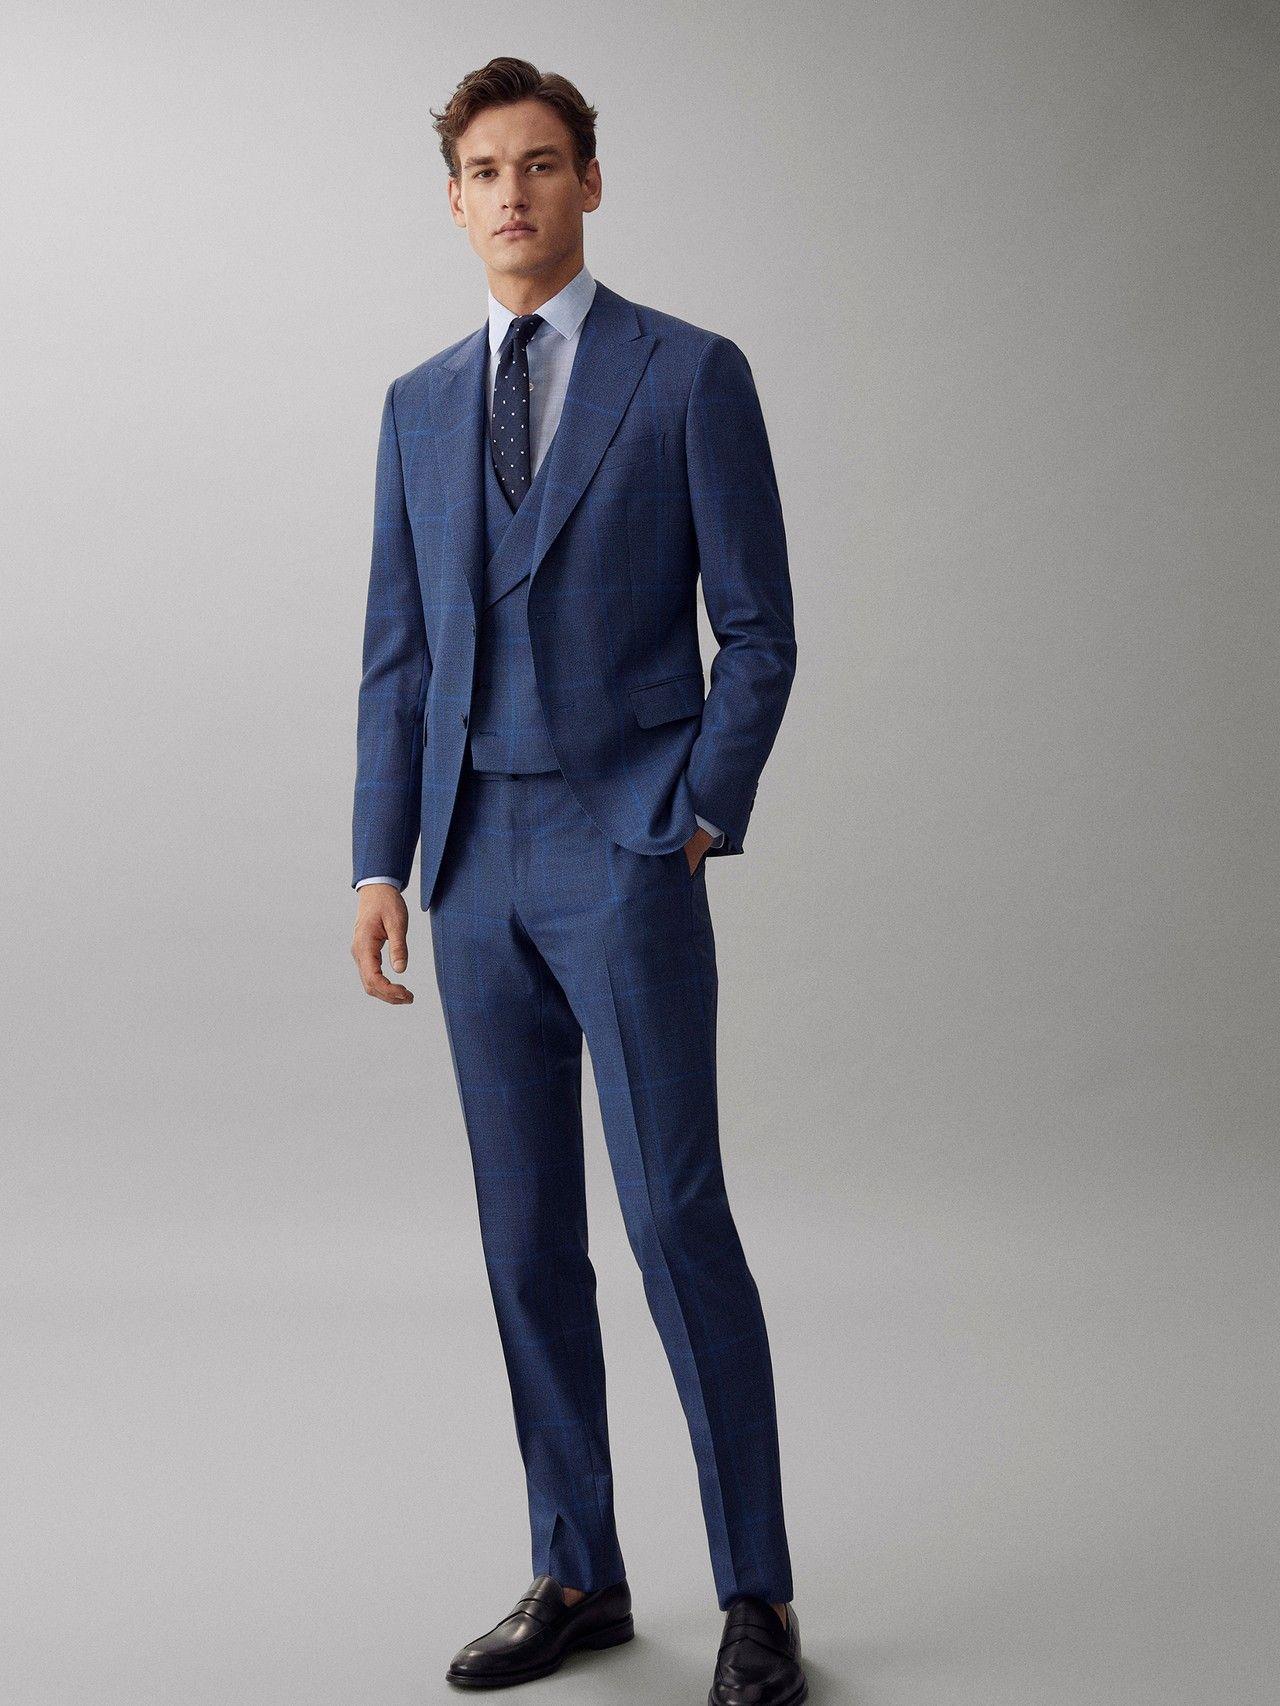 Massimo Dutti Hombre Pantalon Cuadros Azul Lana S 130 S Slim Fit Azul 50 Slim Fit Suit Wedding Blue Slim Fit Suit Blue Outfit Men